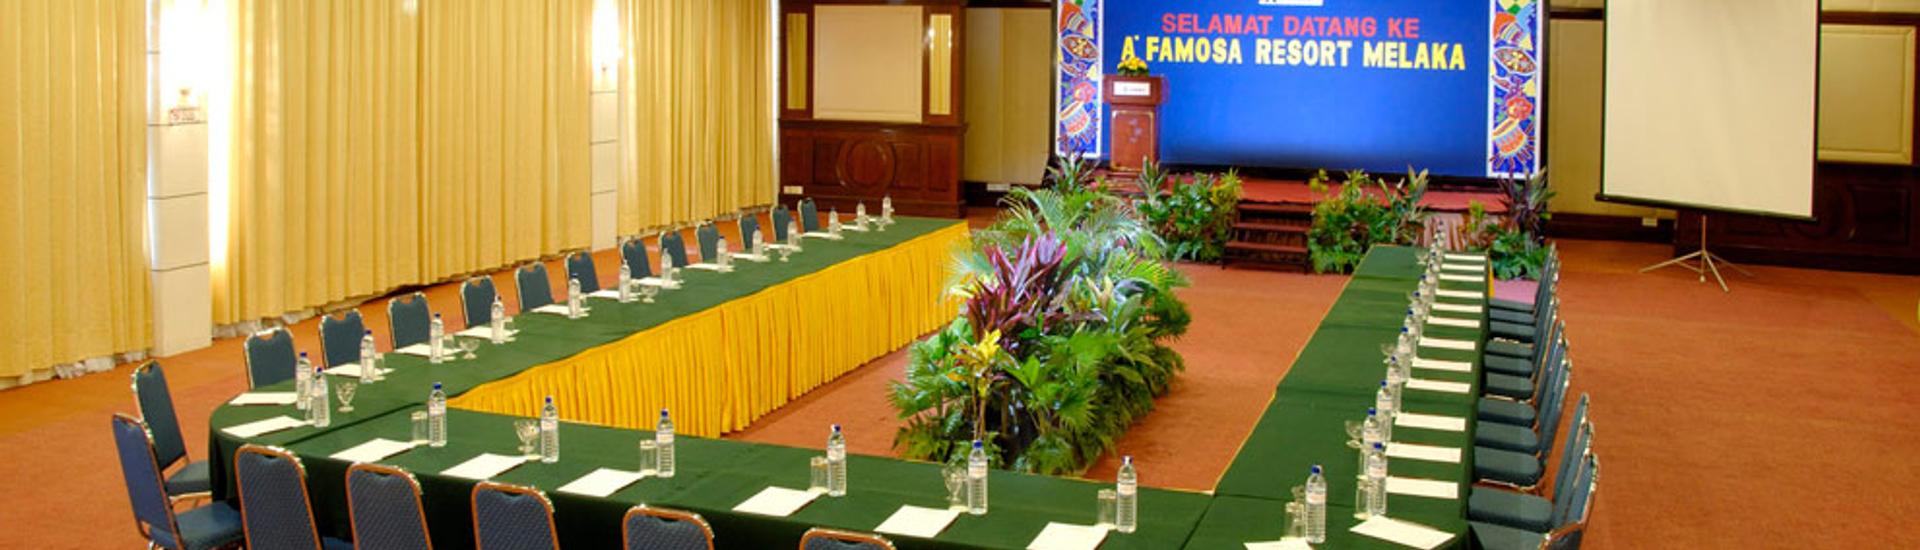 A'Famosa Resort, Malaysia